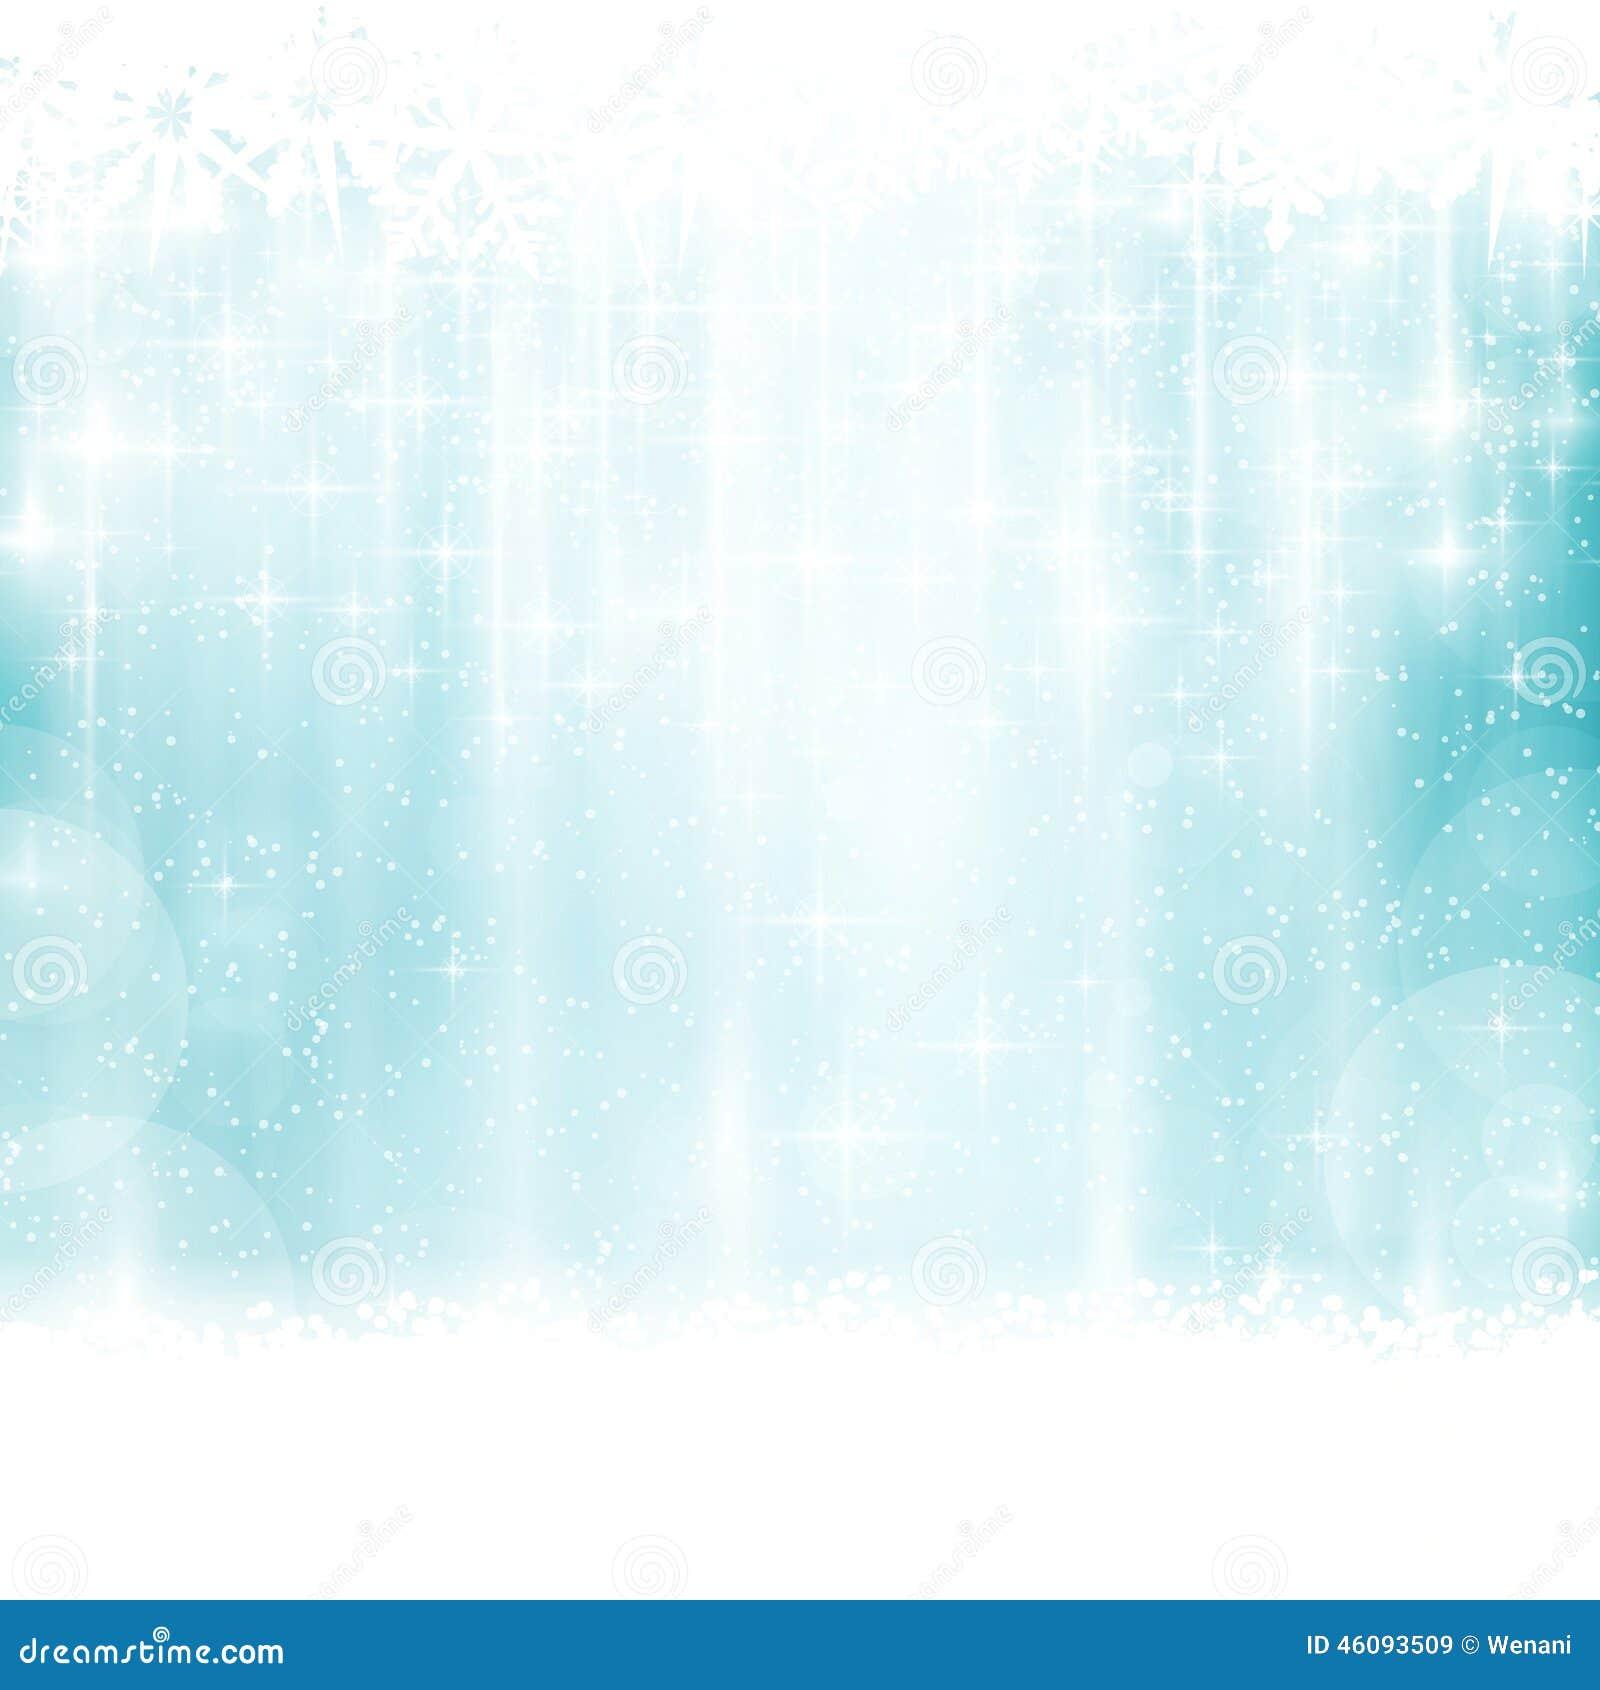 Błękitna zima, Bożenarodzeniowy tło z lekkimi skutkami